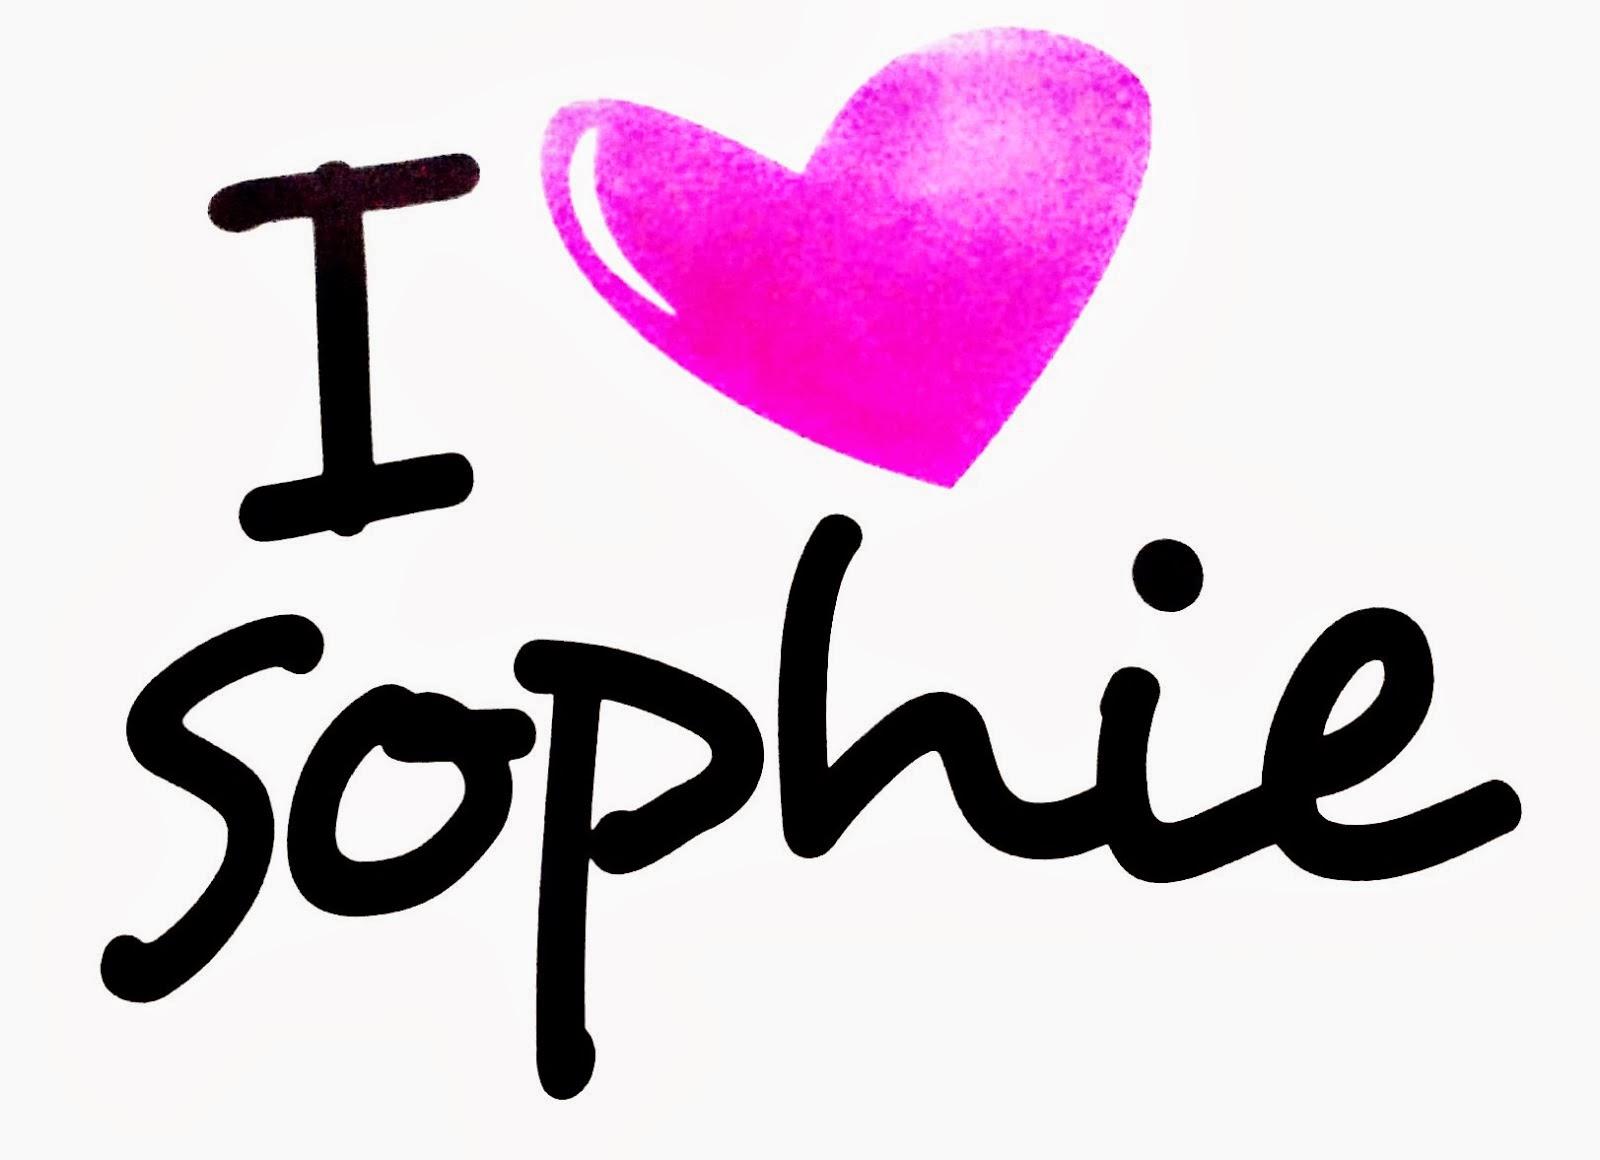 Sophie-holics